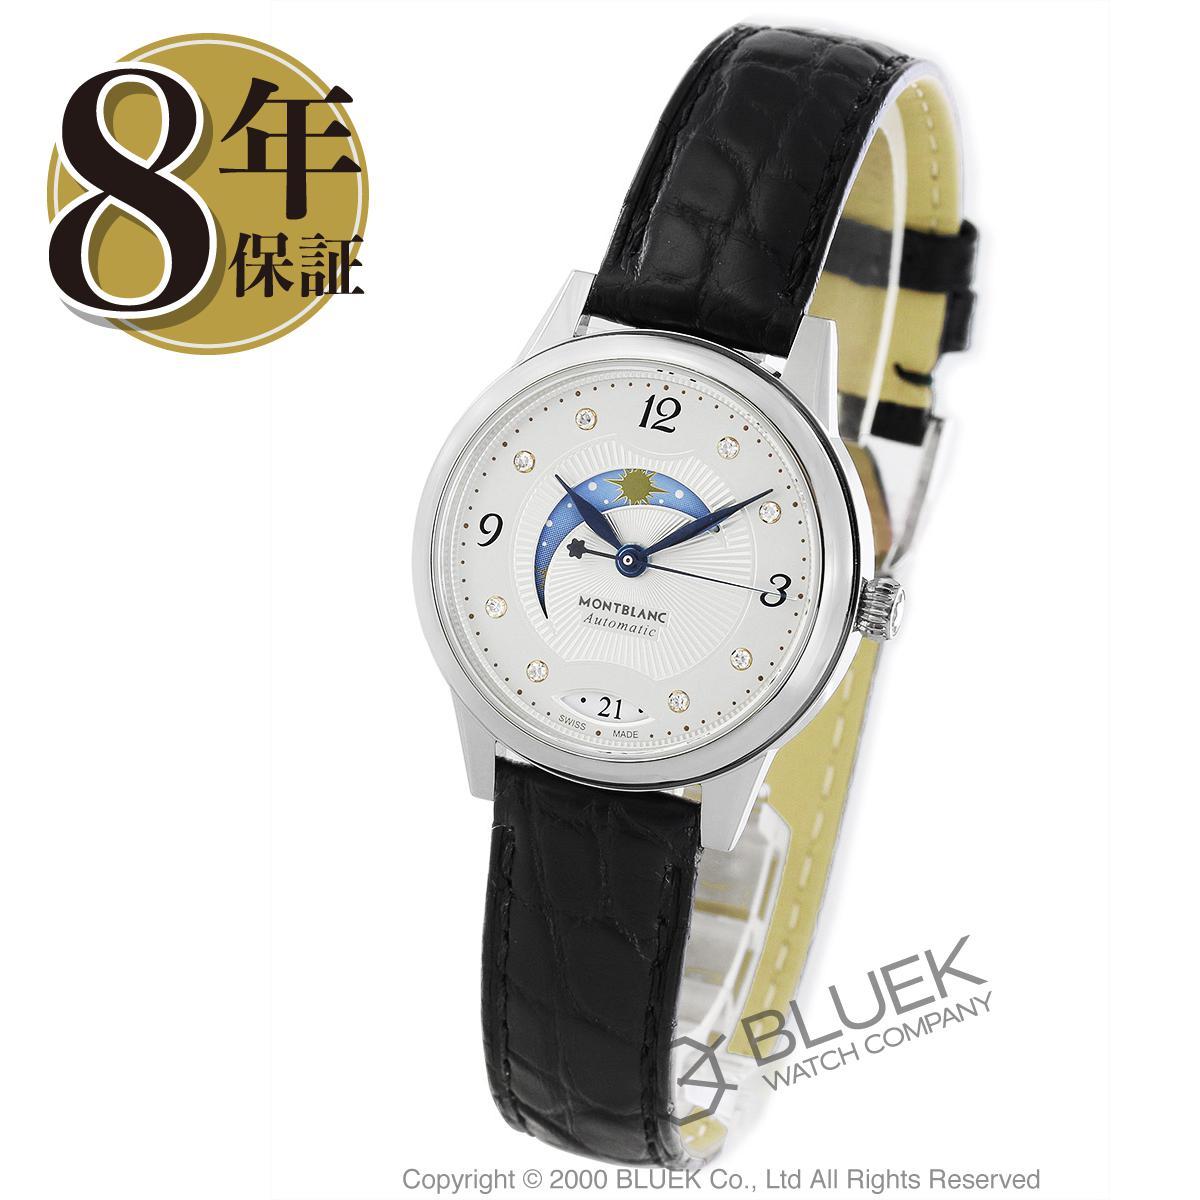 モンブラン ボエム デイ&ナイト ダイヤ アリゲーターレザー 腕時計 レディース MONTBLANC 114730_8